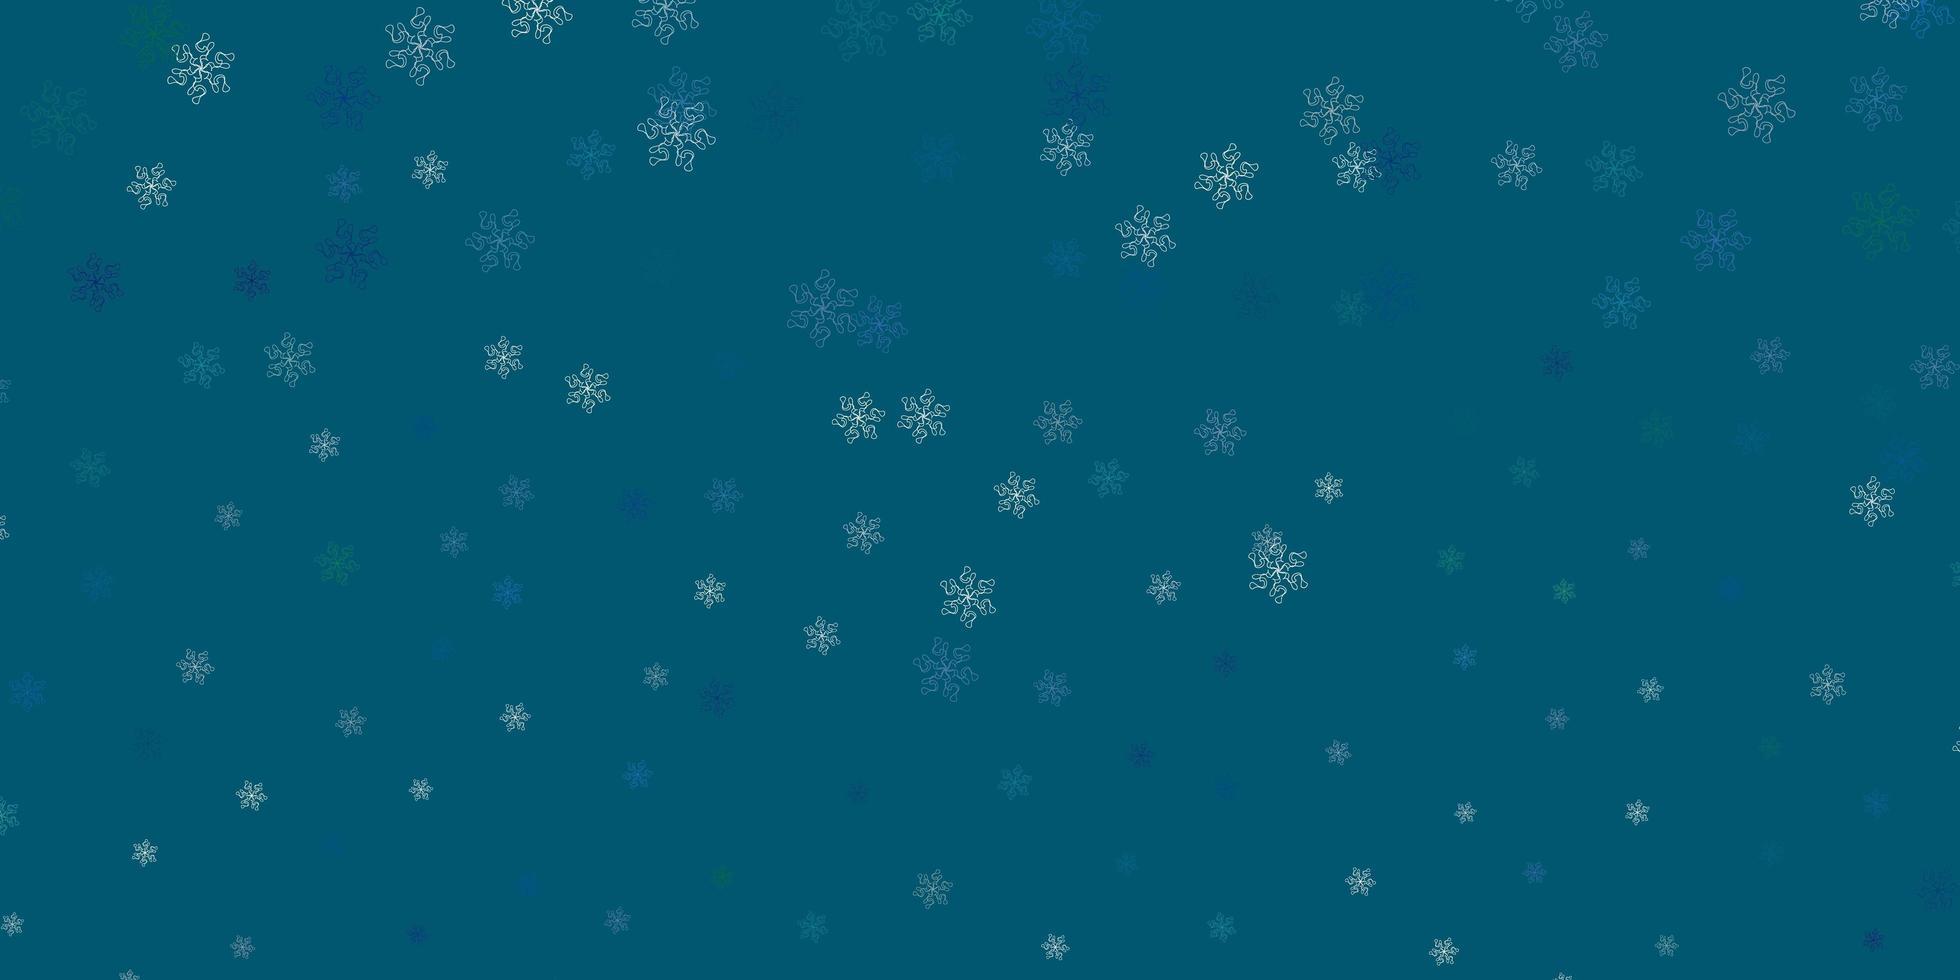 lichtblauwe, groene vector natuurlijke achtergrond met bloemen.